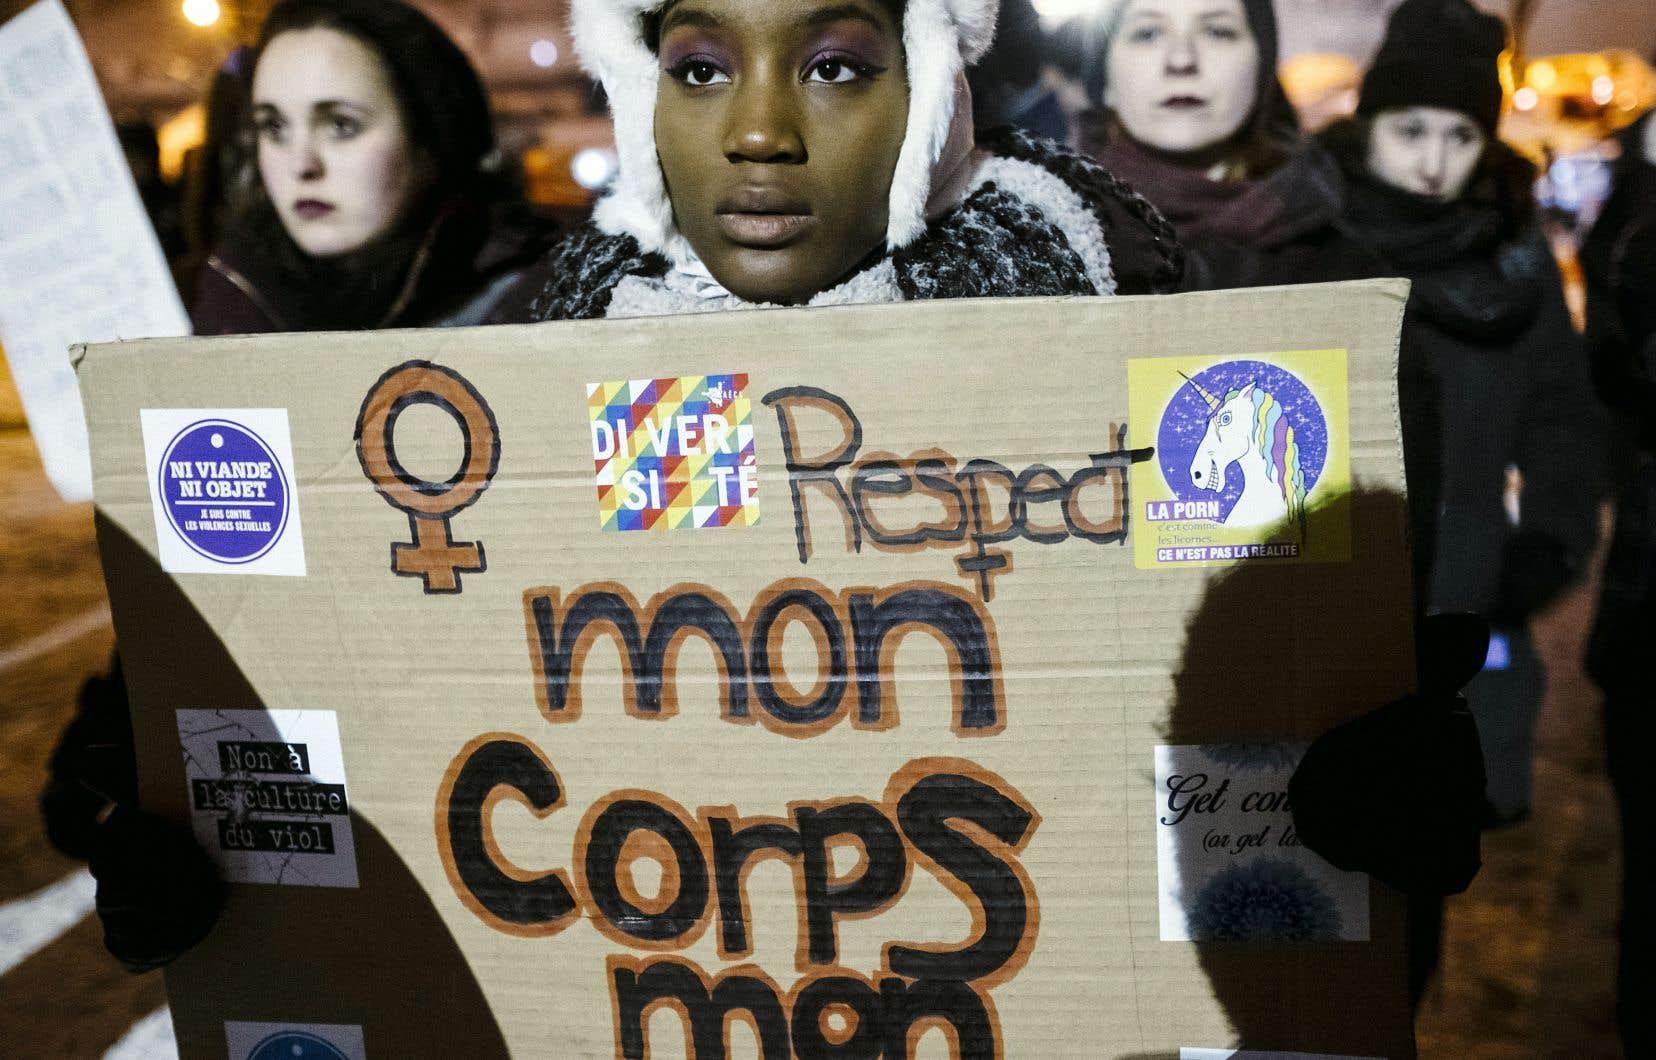 L'auteur met en évidence le système qui sous-tend la «culture d'agression» envers les femmes, une expression utilisée ici dans un sens plus large que «culture du viol».